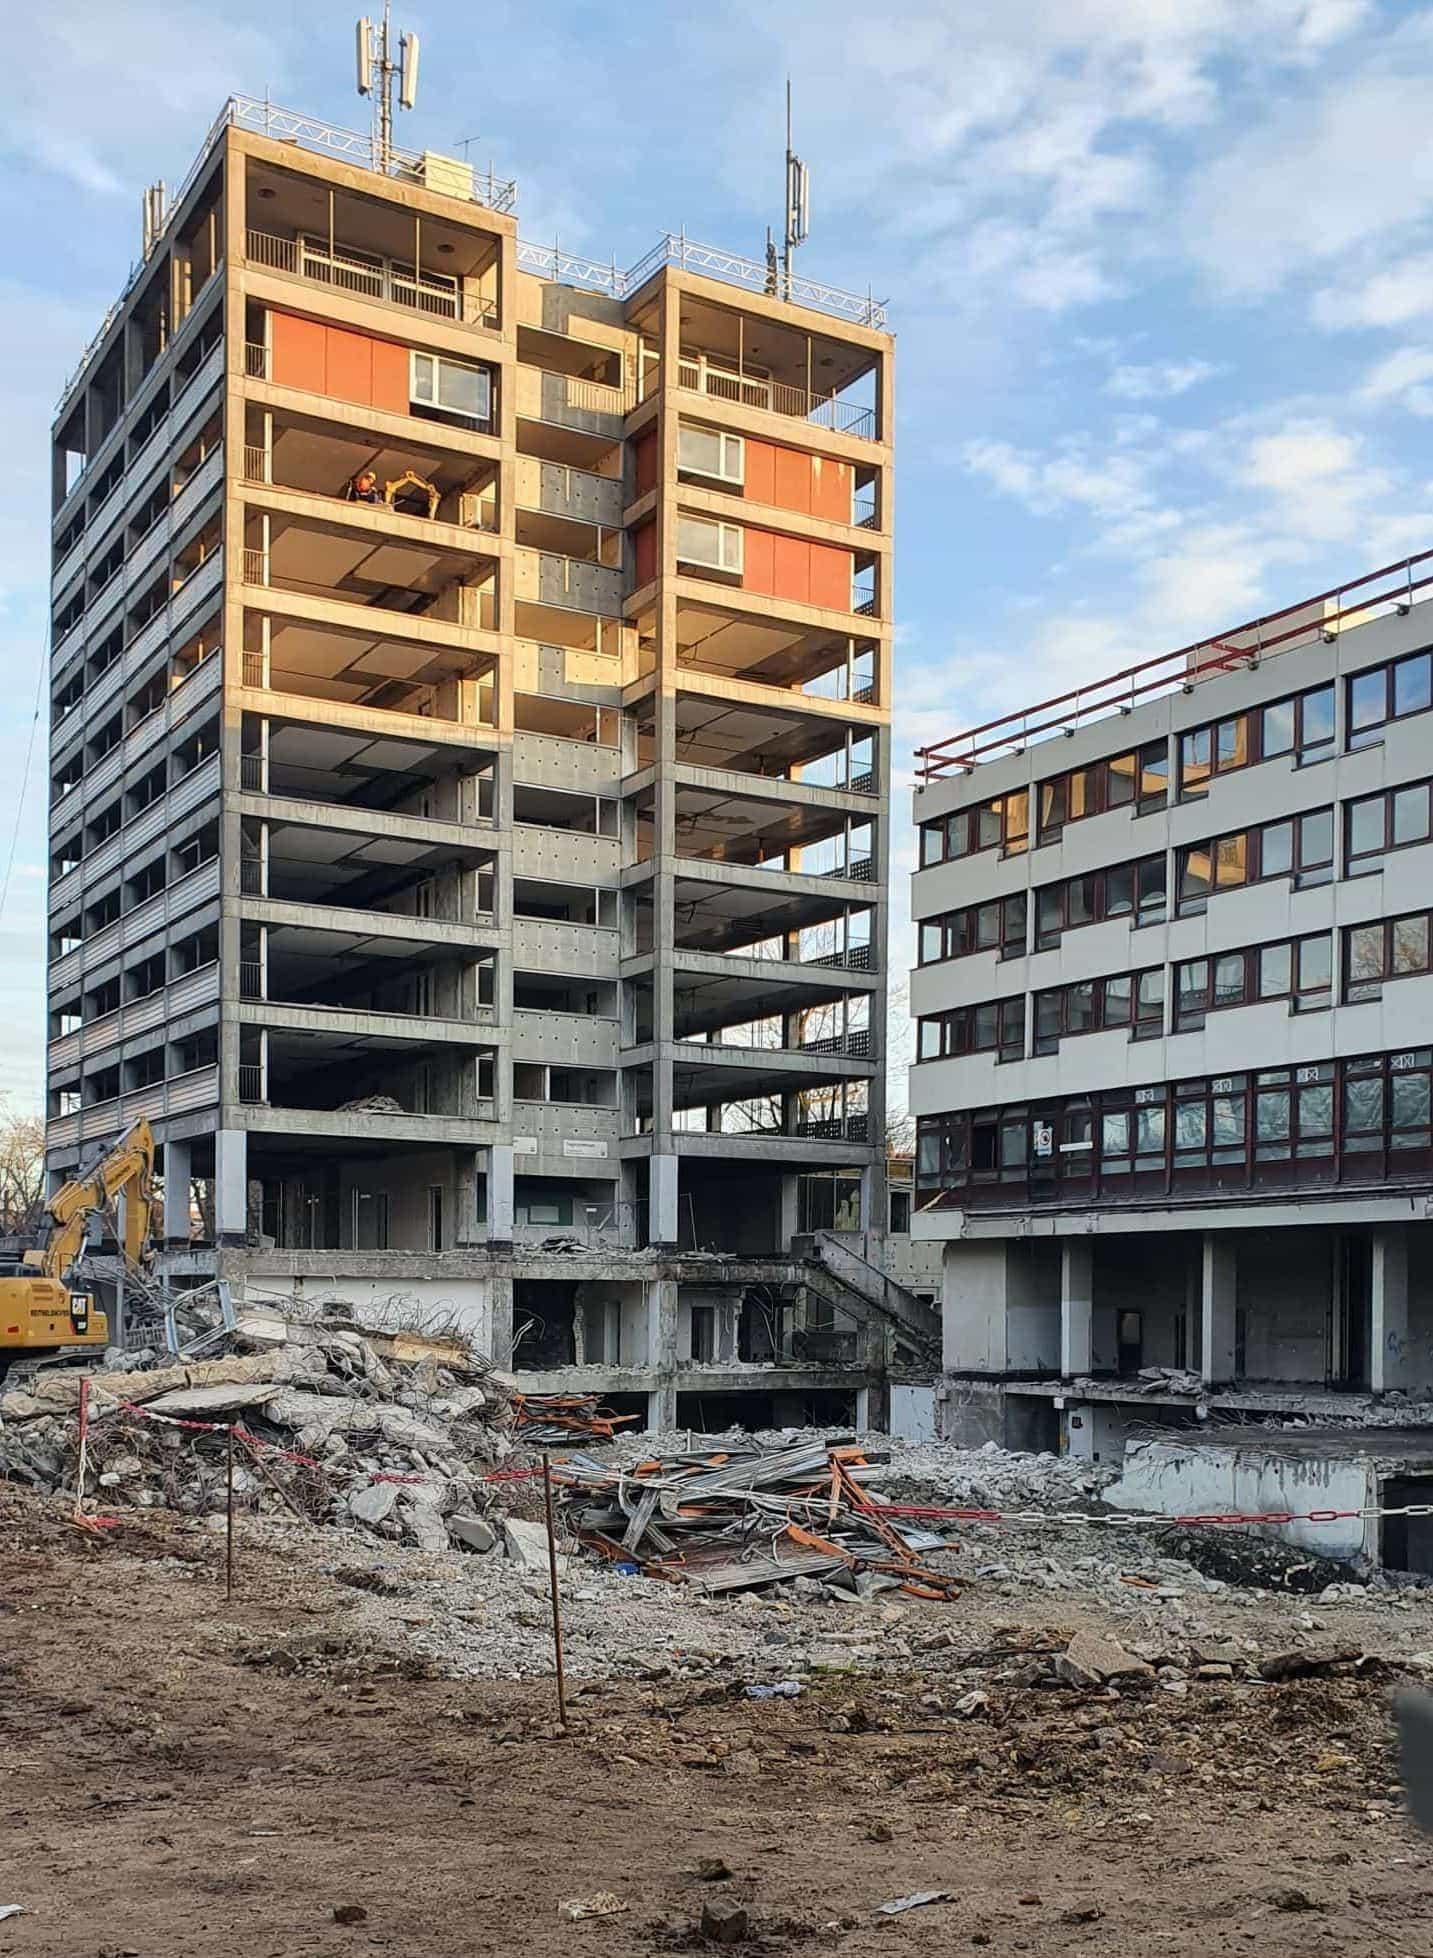 Dialogforum und Pläne zur Umgestaltung des Bahnhofsareals Wirsingturm: Sprengung am Kepler-Areal